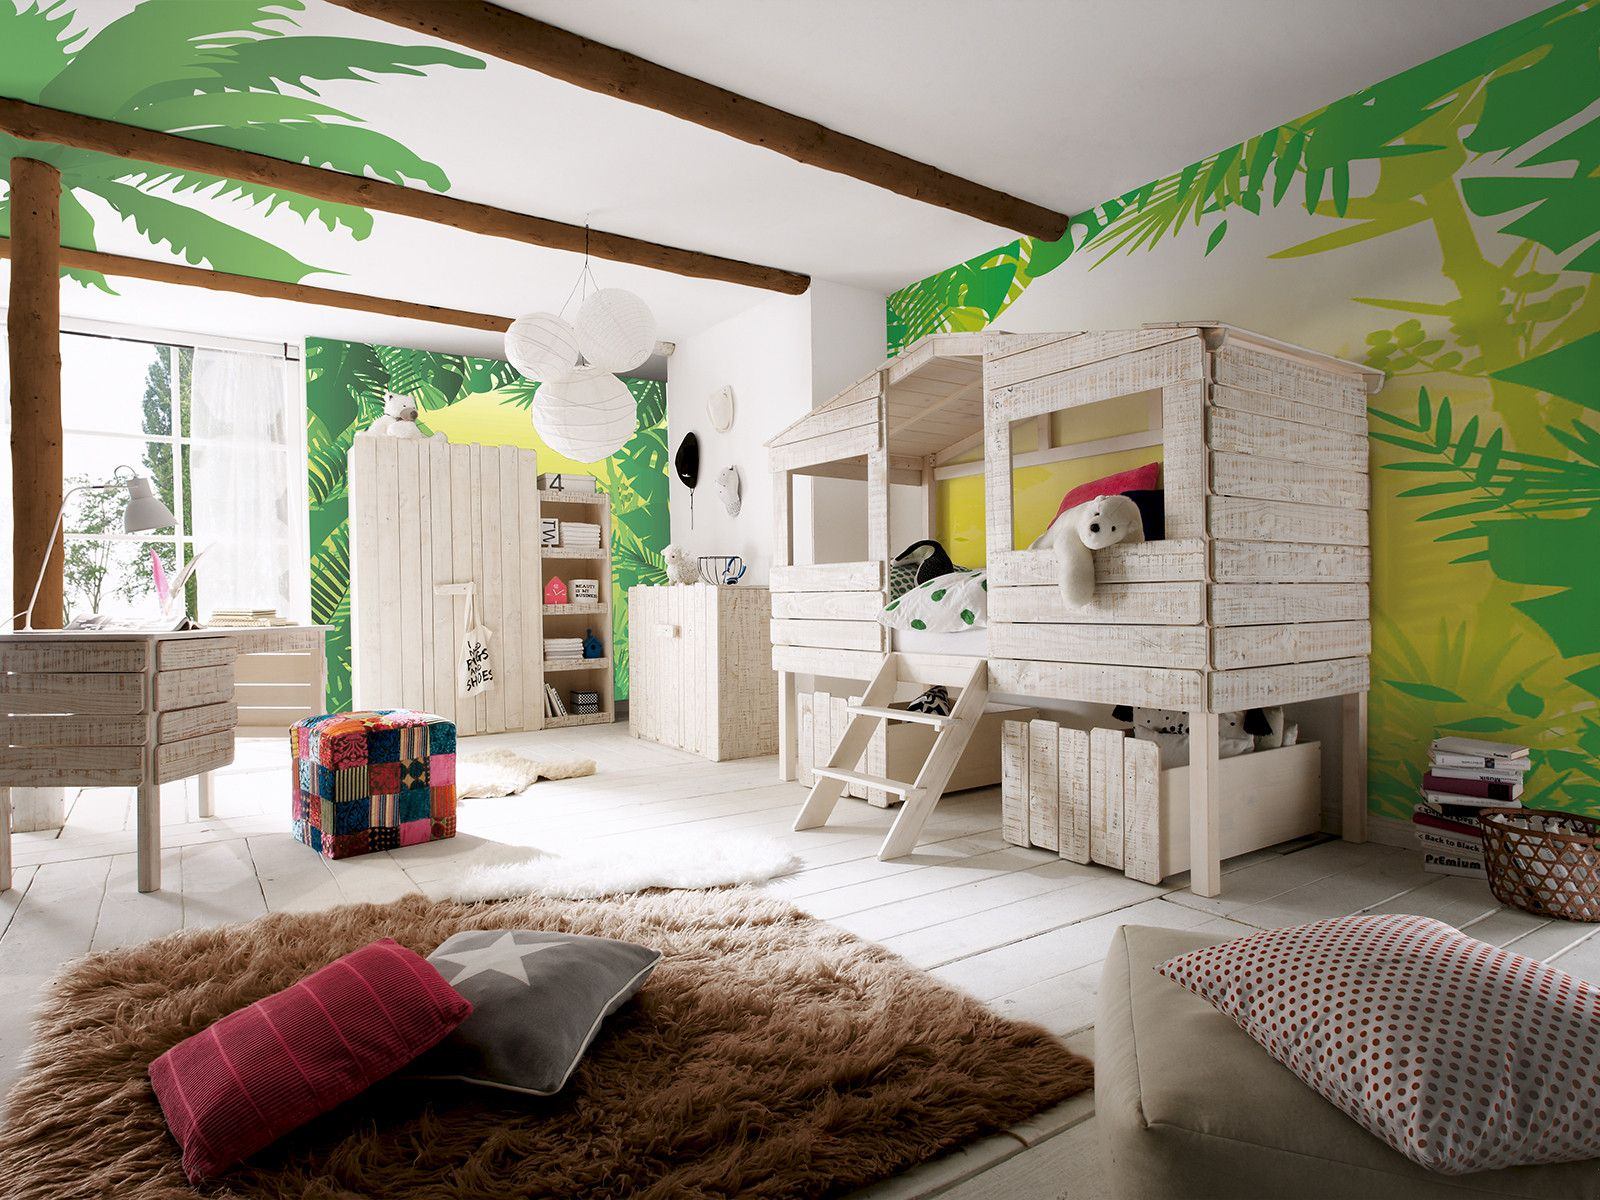 Full Size of Kinderzimmer Junge Dekoration Einrichten 2 Jahre Ab 10 Jungs Ikea Regal Weiß Sofa Regale Kinderzimmer Kinderzimmer Jungs